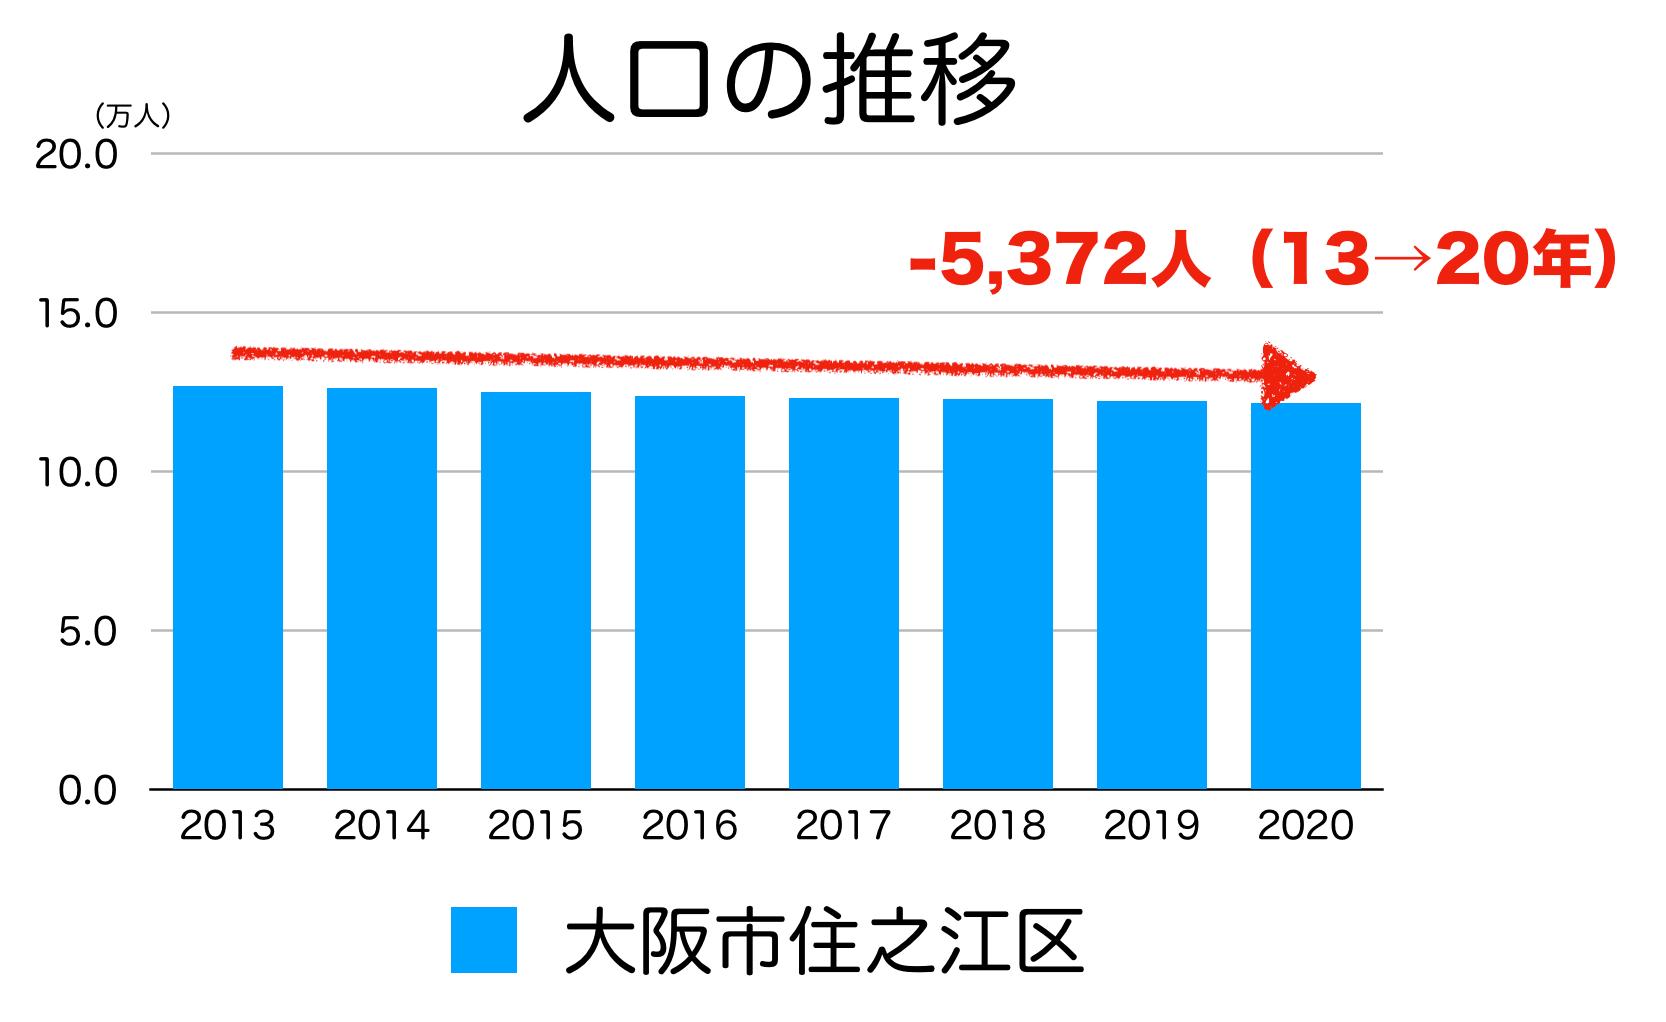 大阪市住之江区の人口の推移